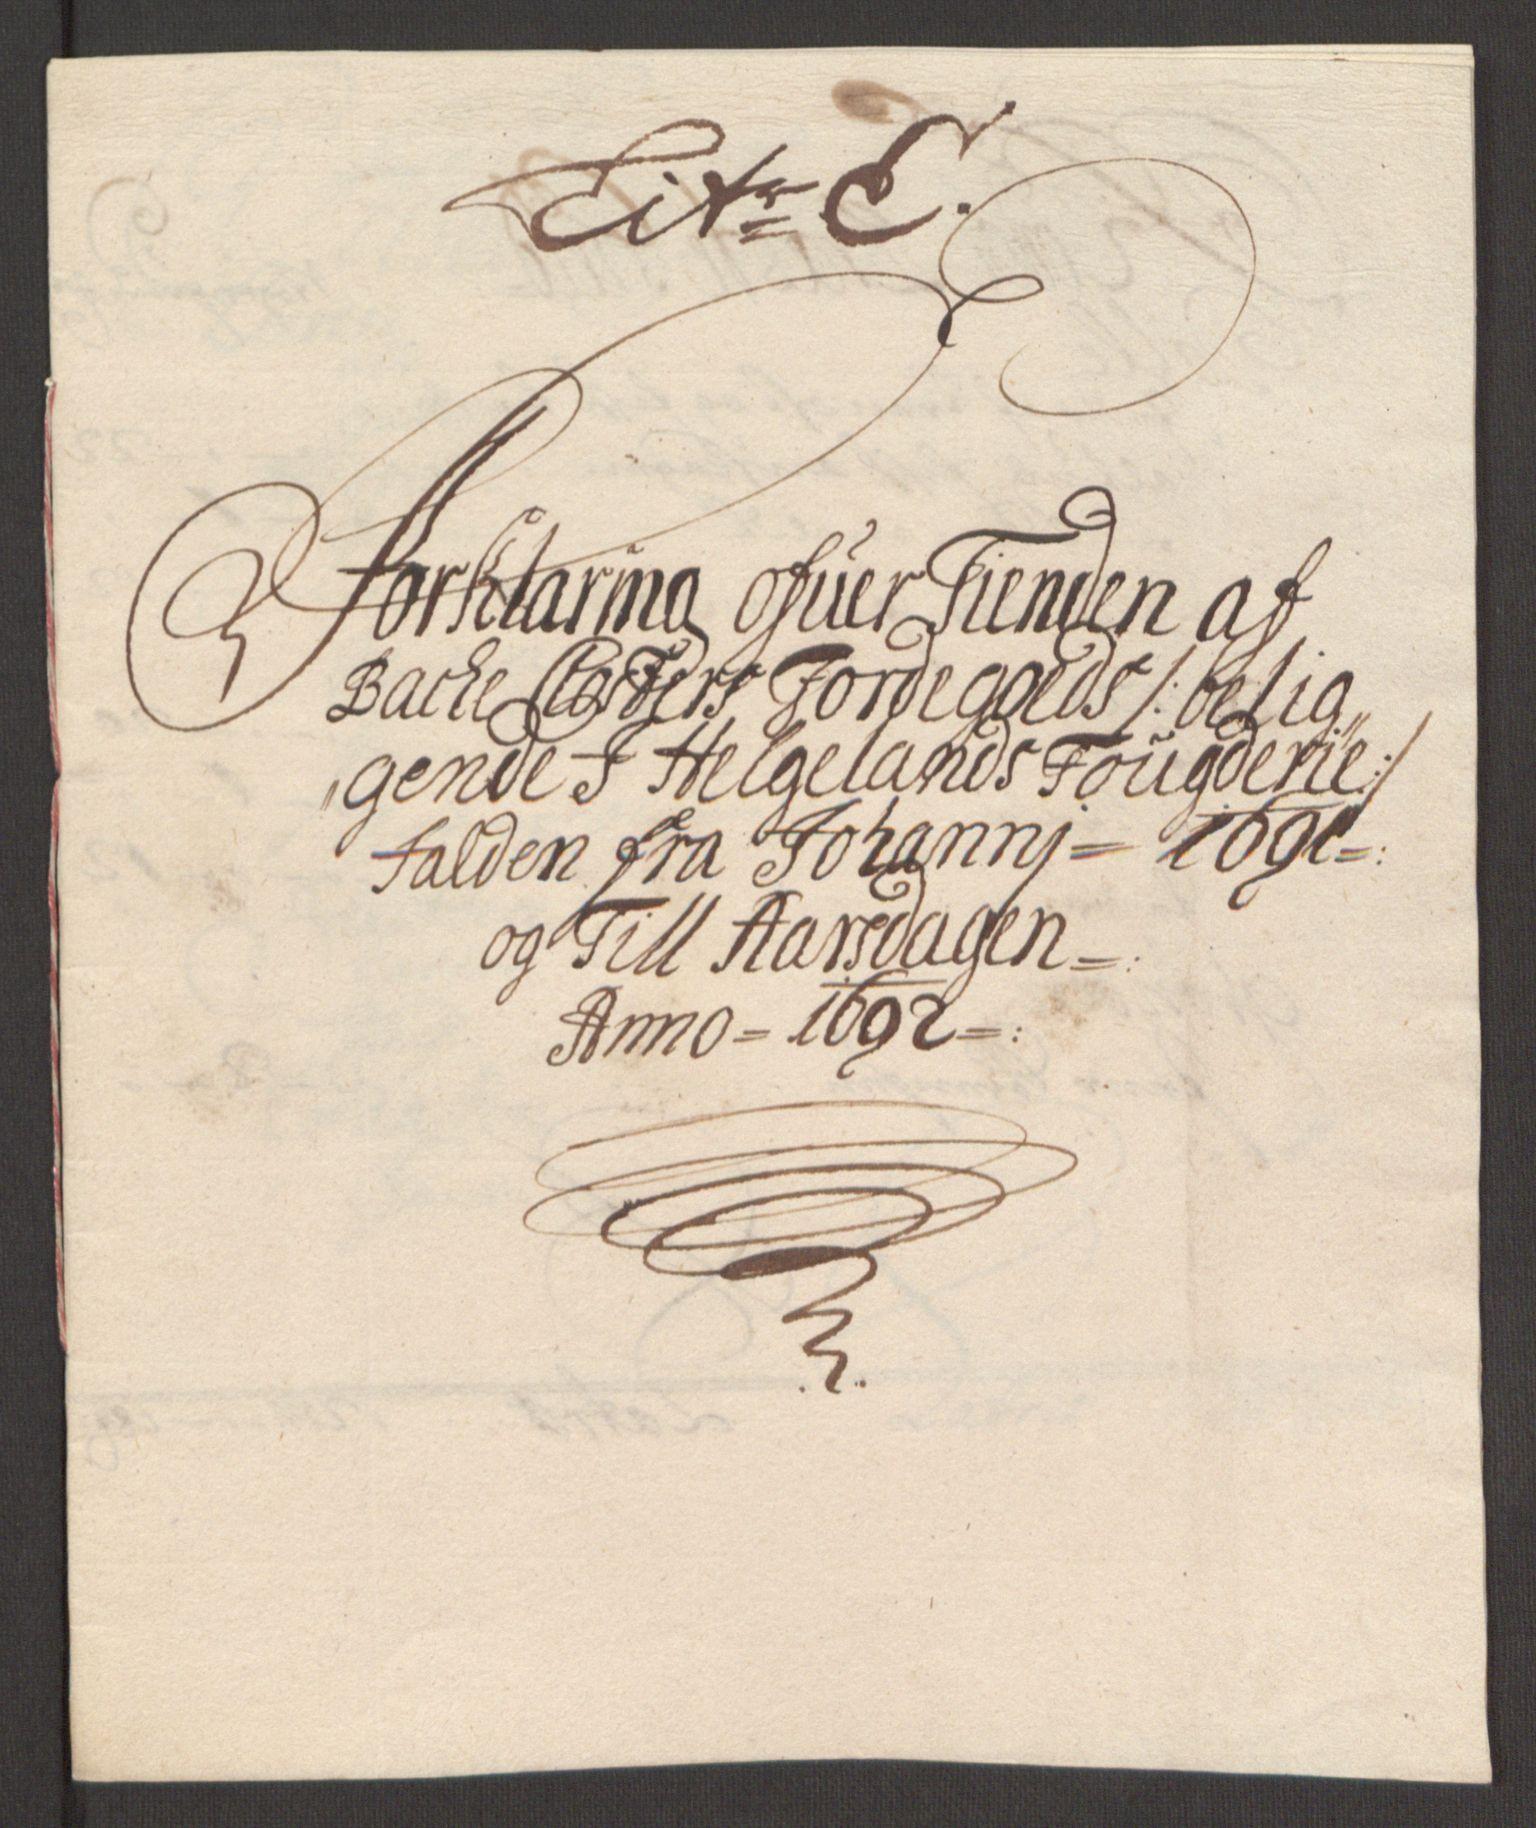 RA, Rentekammeret inntil 1814, Reviderte regnskaper, Fogderegnskap, R65/L4504: Fogderegnskap Helgeland, 1691-1692, s. 273